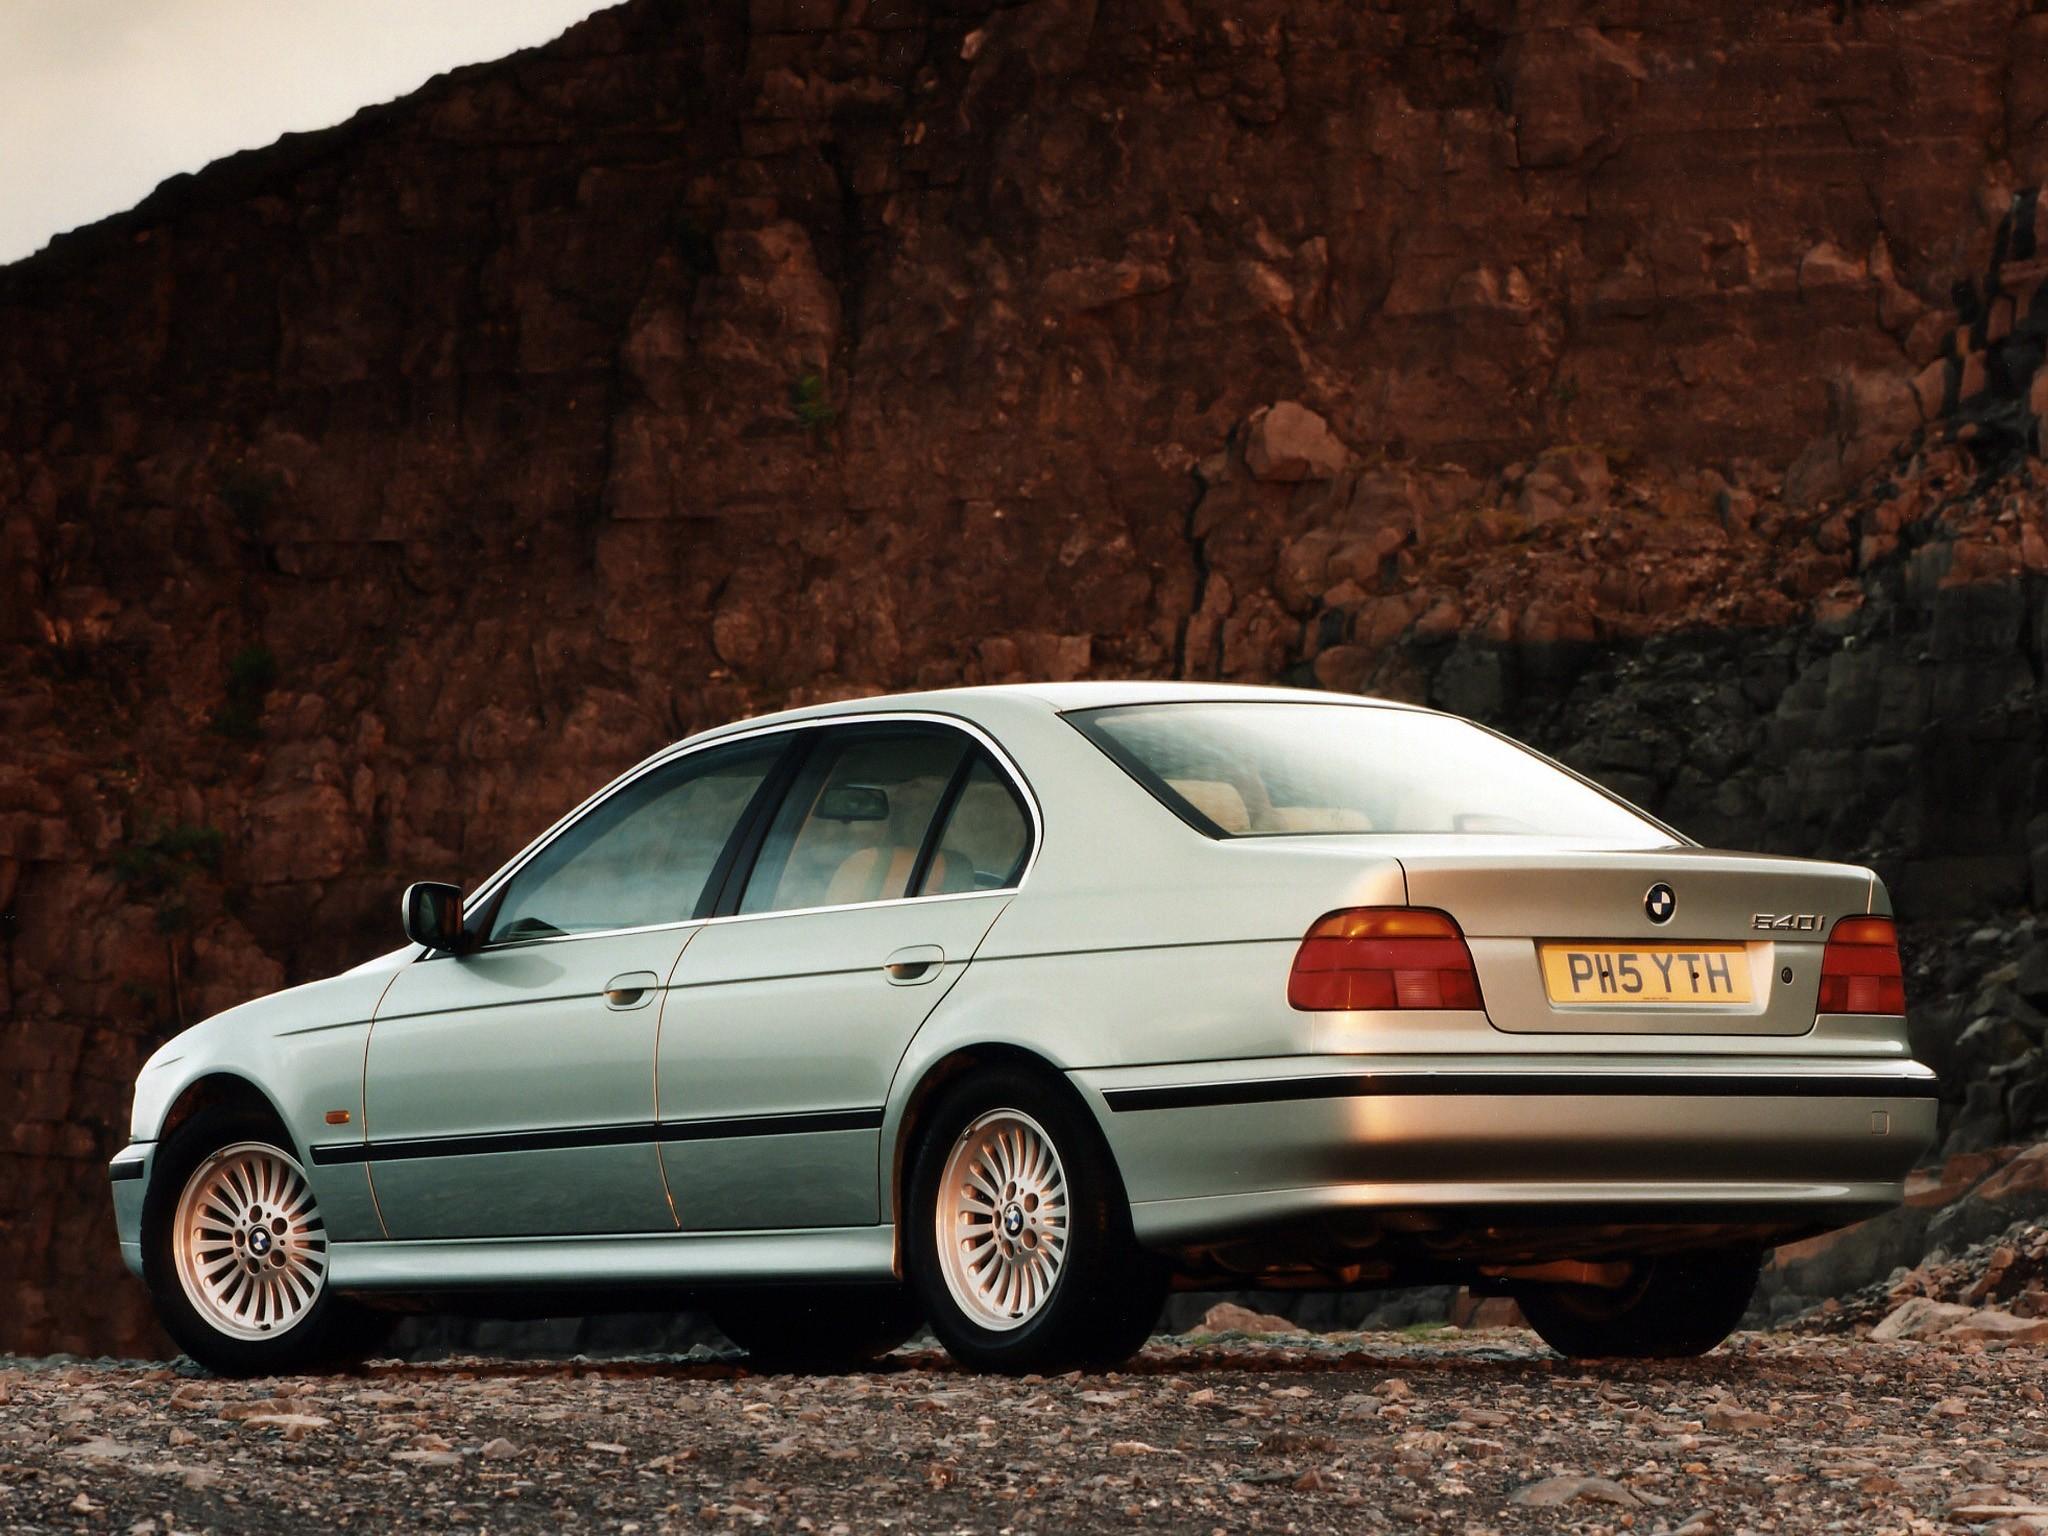 Bmw 5 Series  E39  Specs  U0026 Photos - 1995  1996  1997  1998  1999  2000